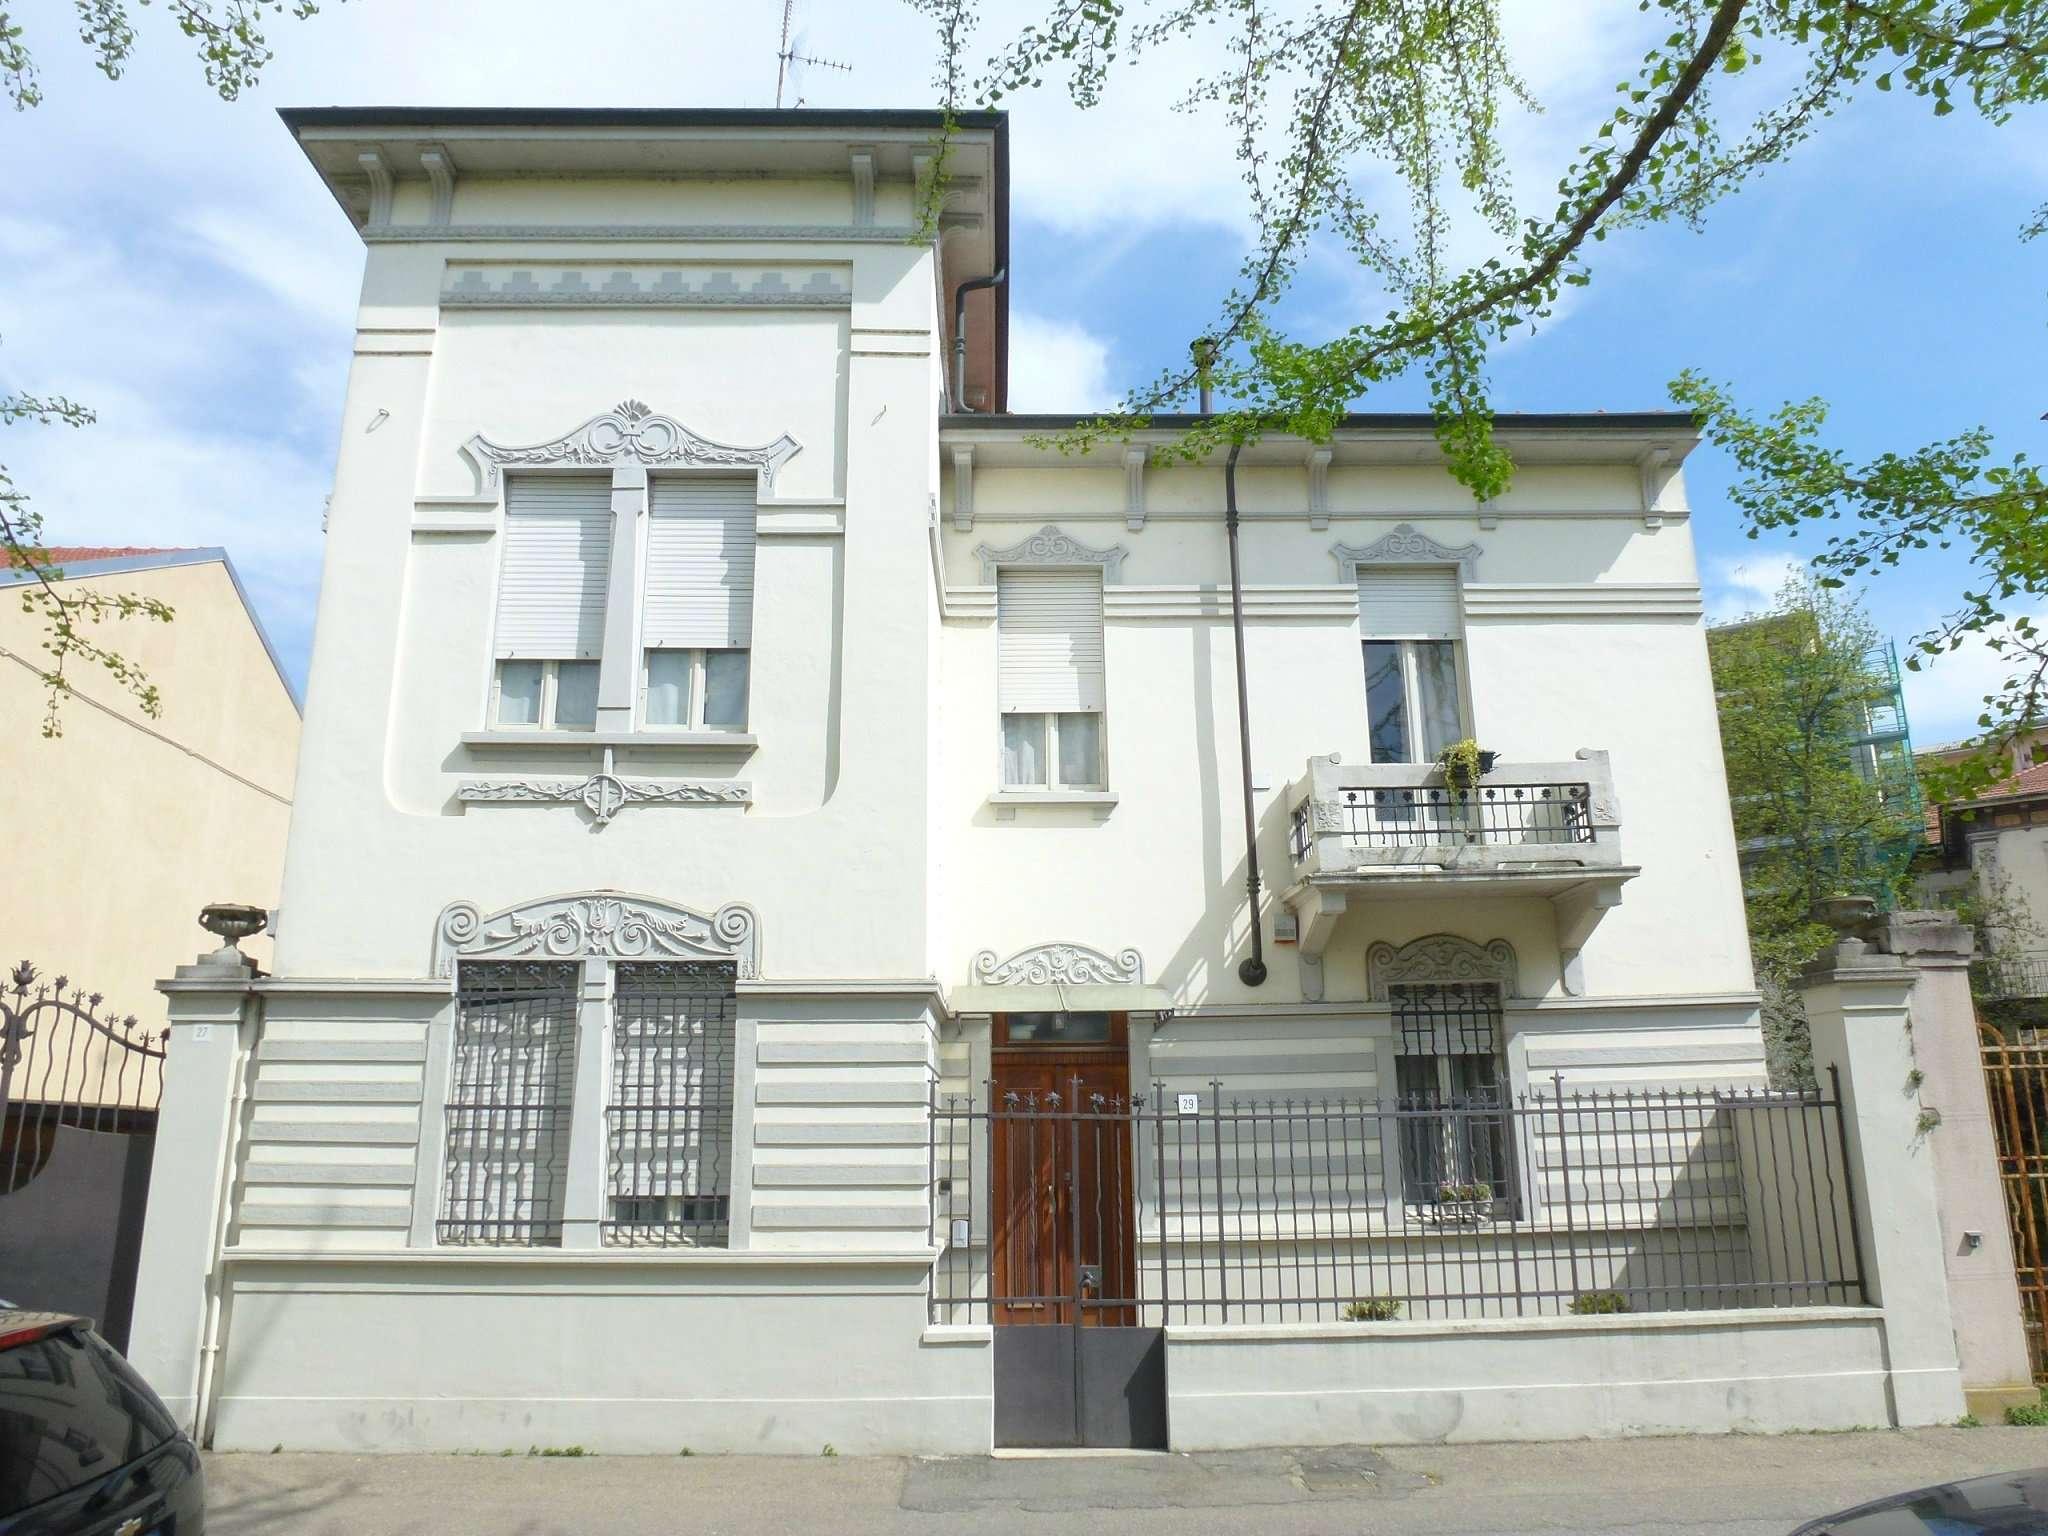 Villa in vendita a Vercelli, 10 locali, Trattative riservate | CambioCasa.it